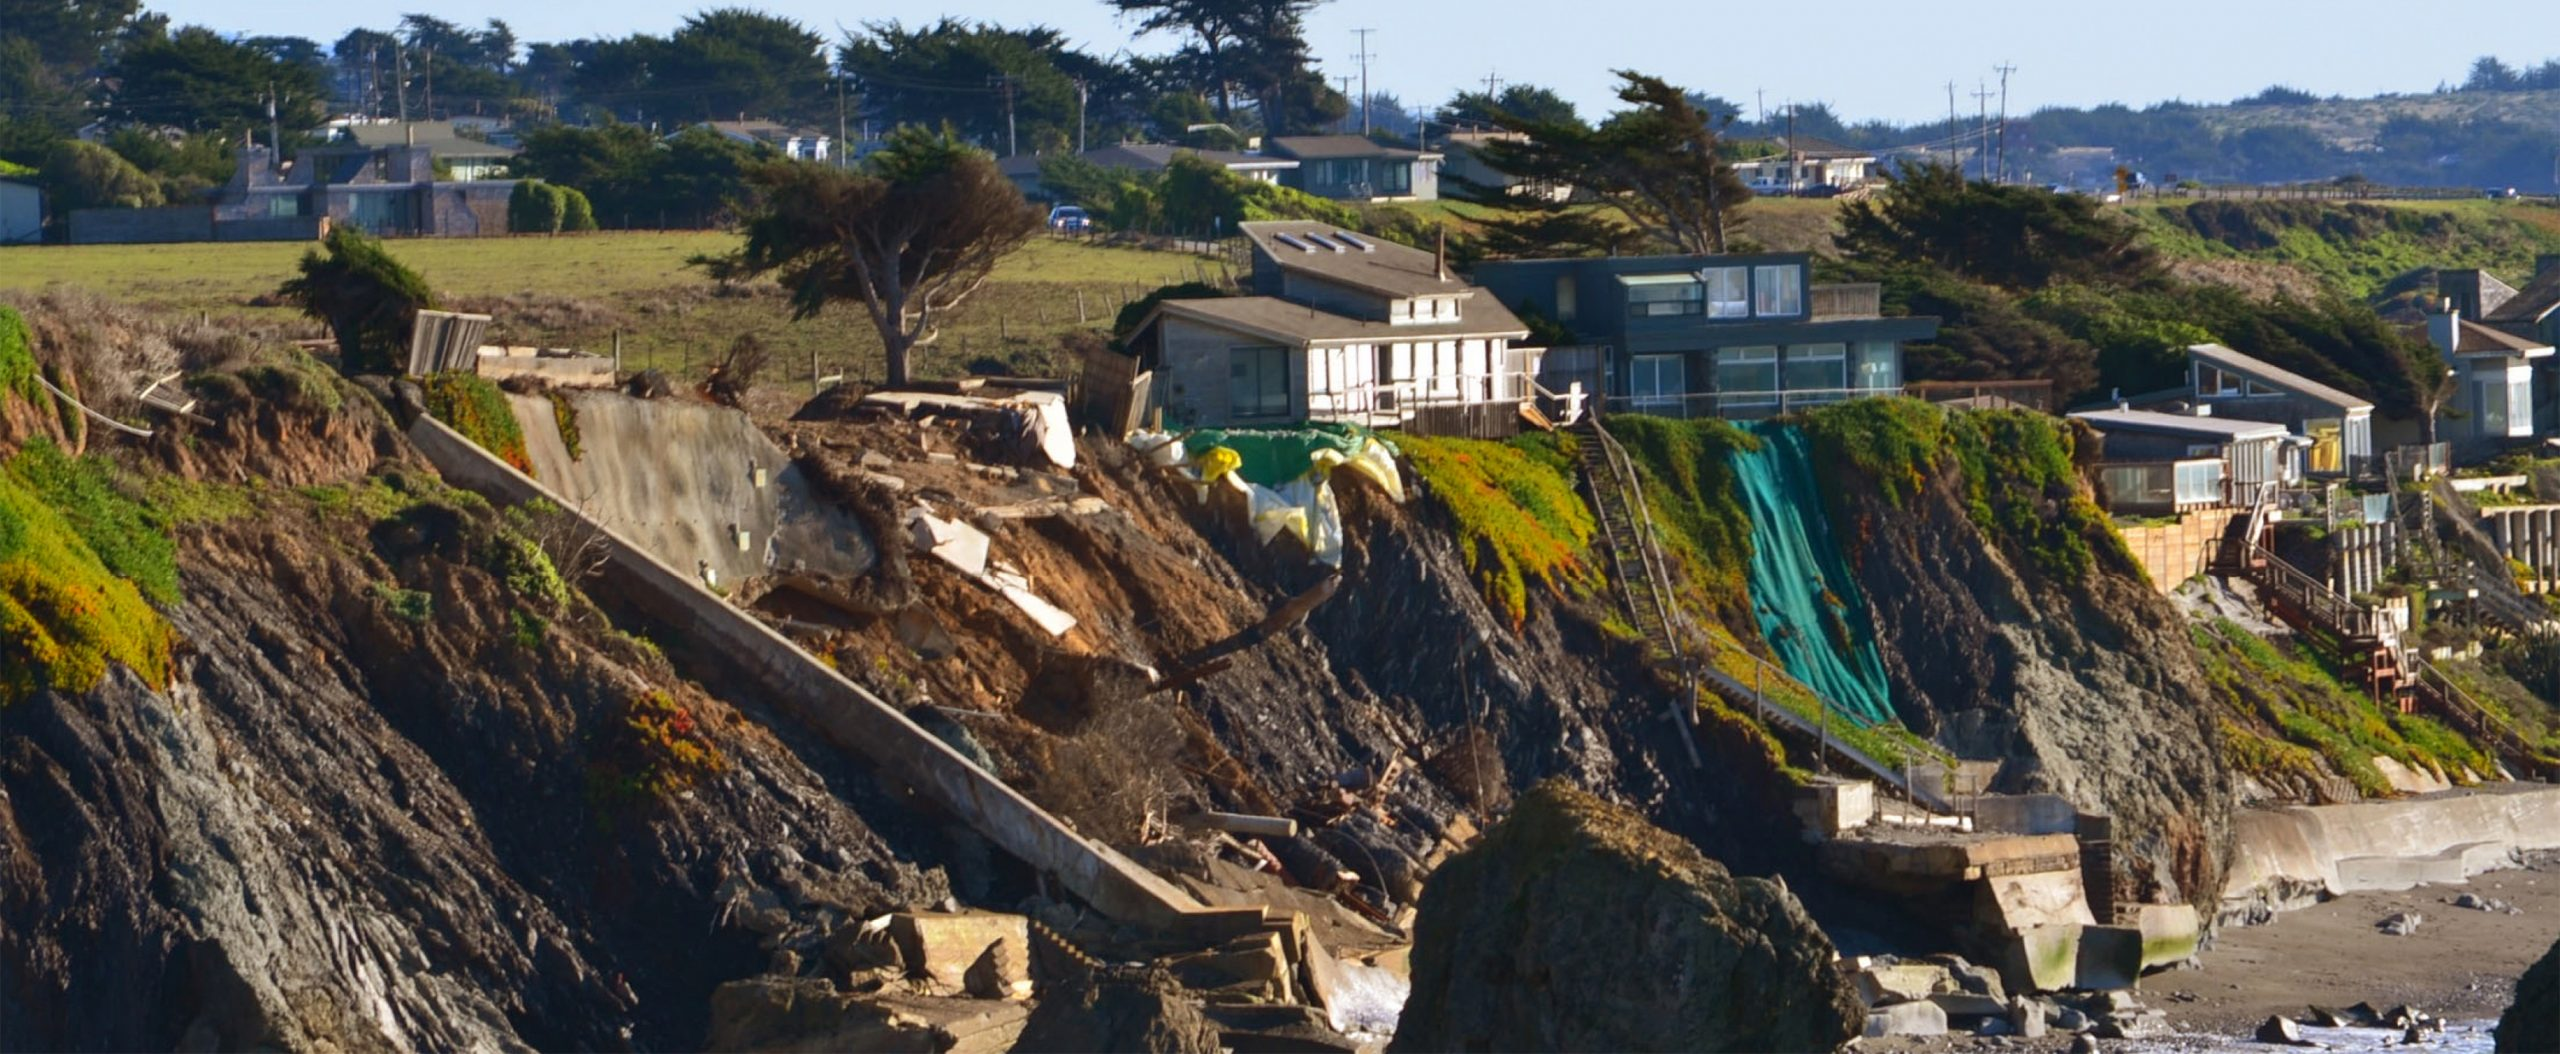 Photo of coastal erosion progressing.